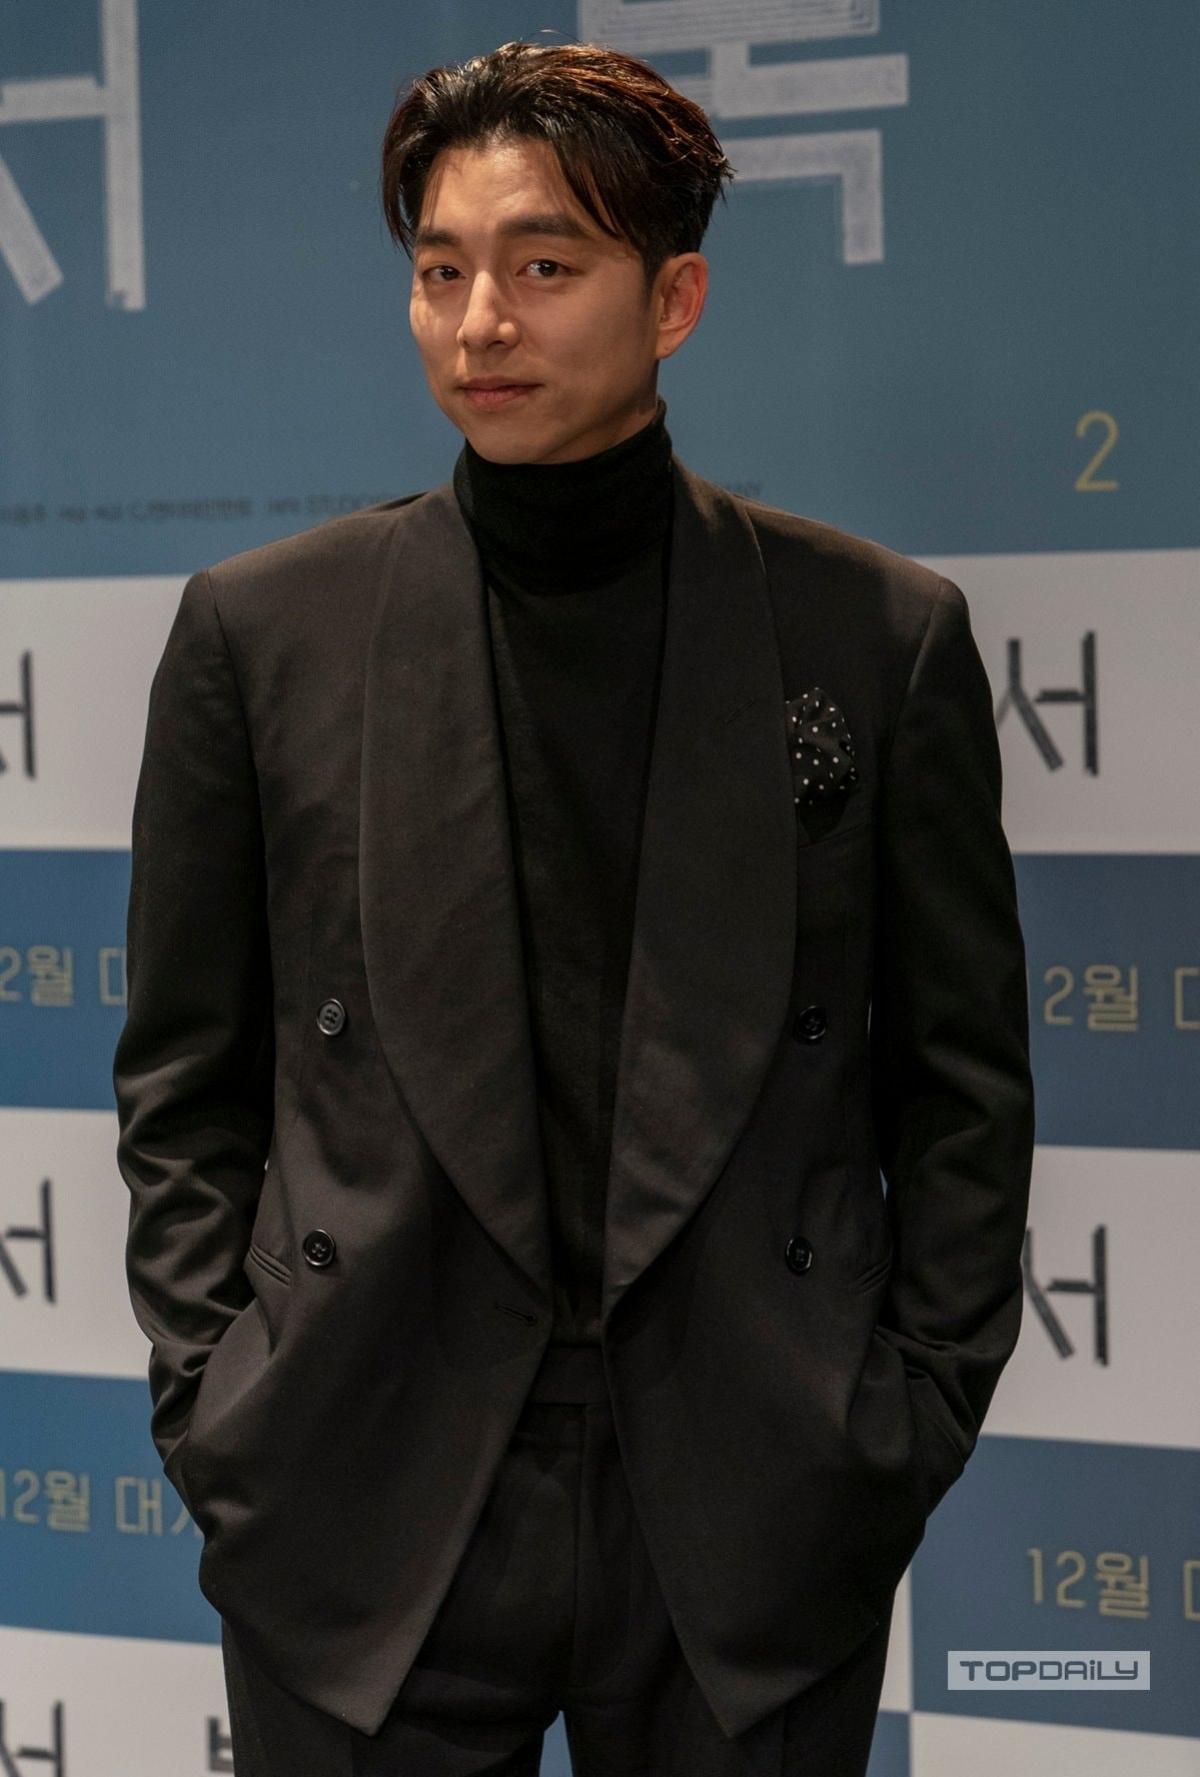 Mái tóc cắt ngắn được tạo kiểu càng tôn lênvẻ nam tính cho tài tử hàng đầu Hàn Quốc.